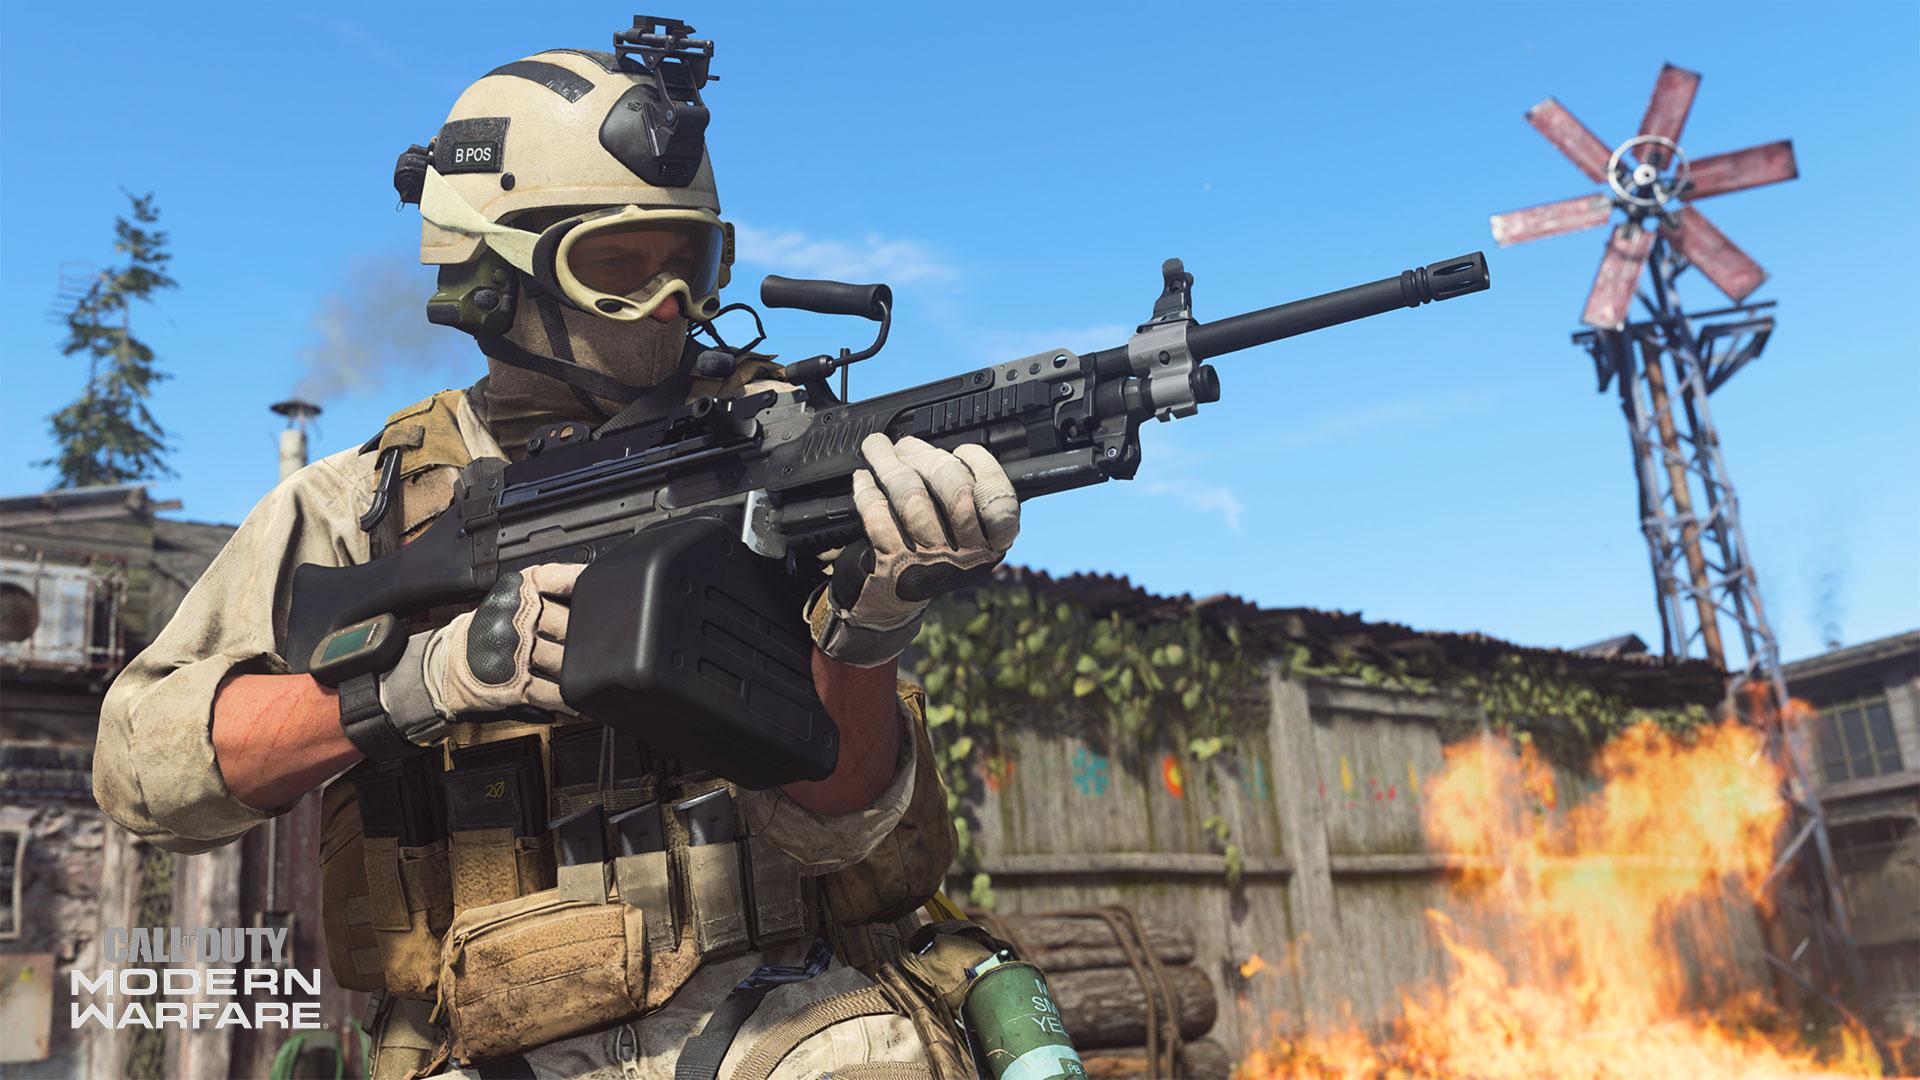 How to unlock bruen mk9: in Call of Duty: Modern Warfare